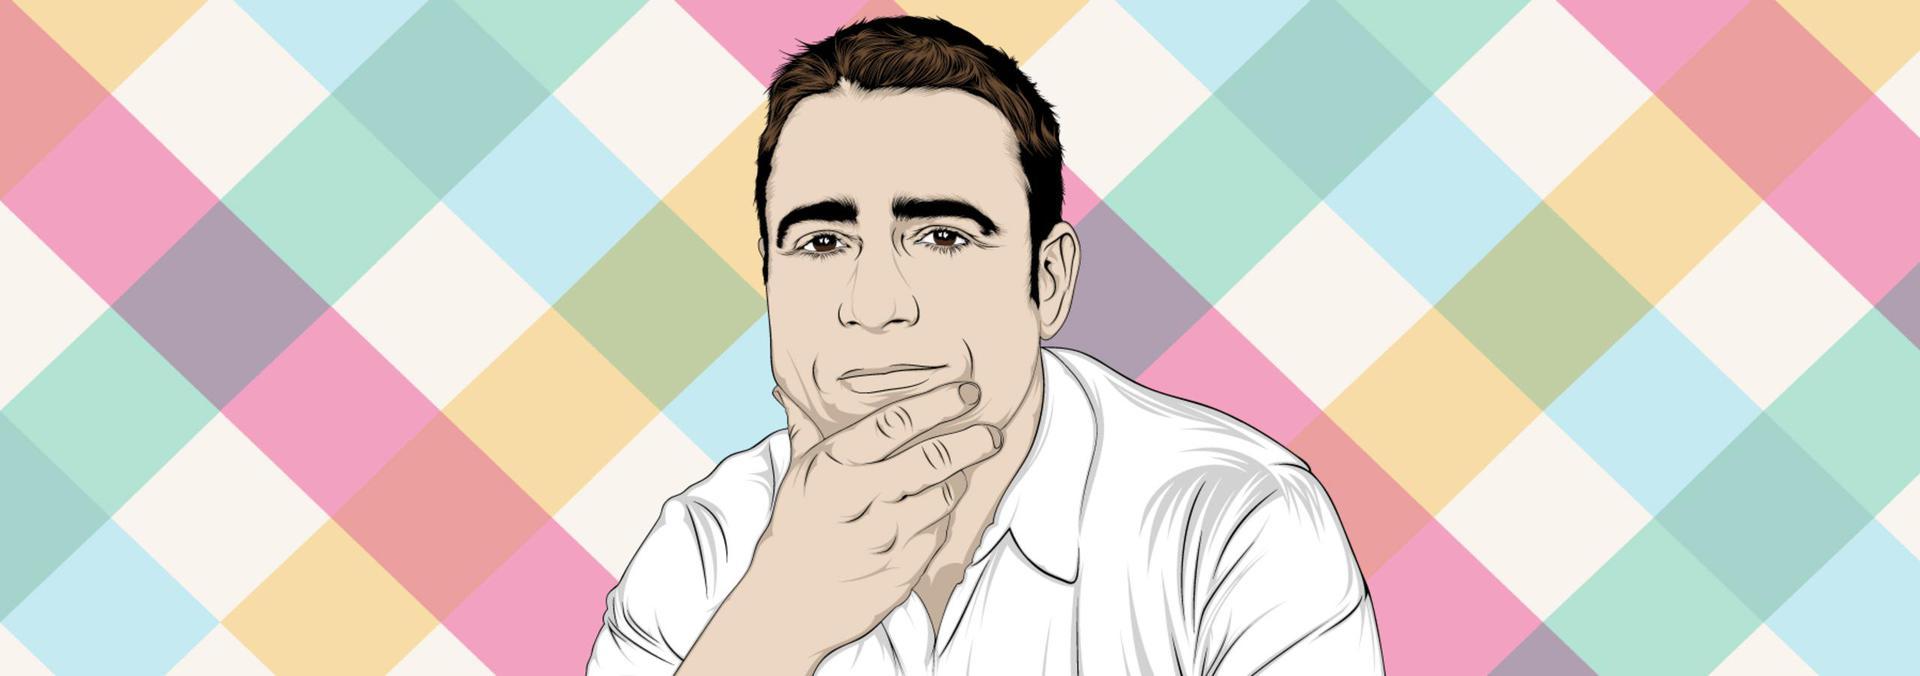 С нуля до миллиарда: Создатель Slack делится историей успеха - 5